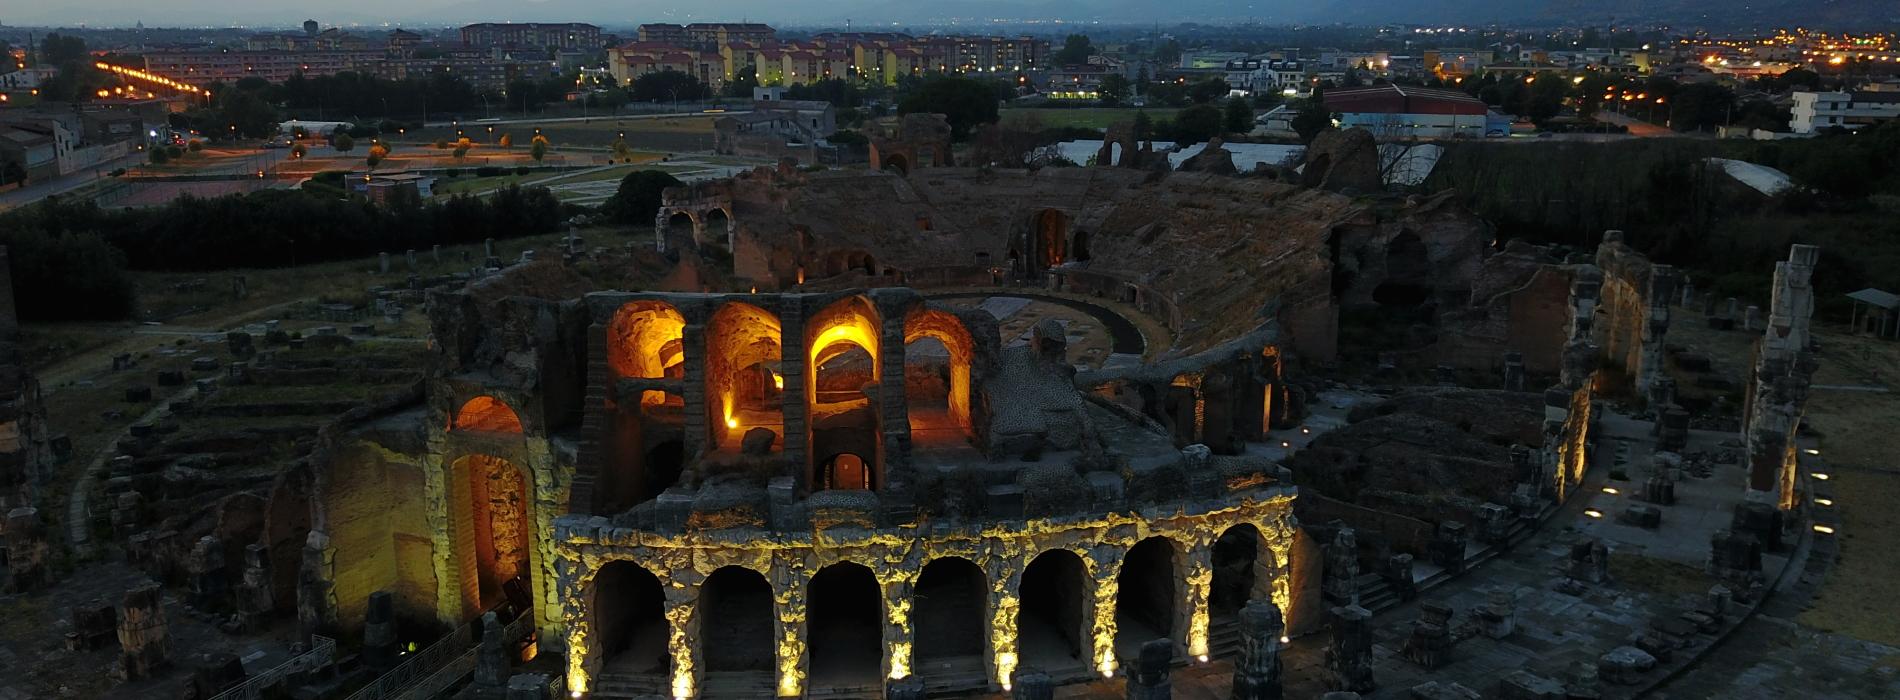 """Bella di notte, visite ed eventi nei """"labirinti"""" dell'Antica Capua"""